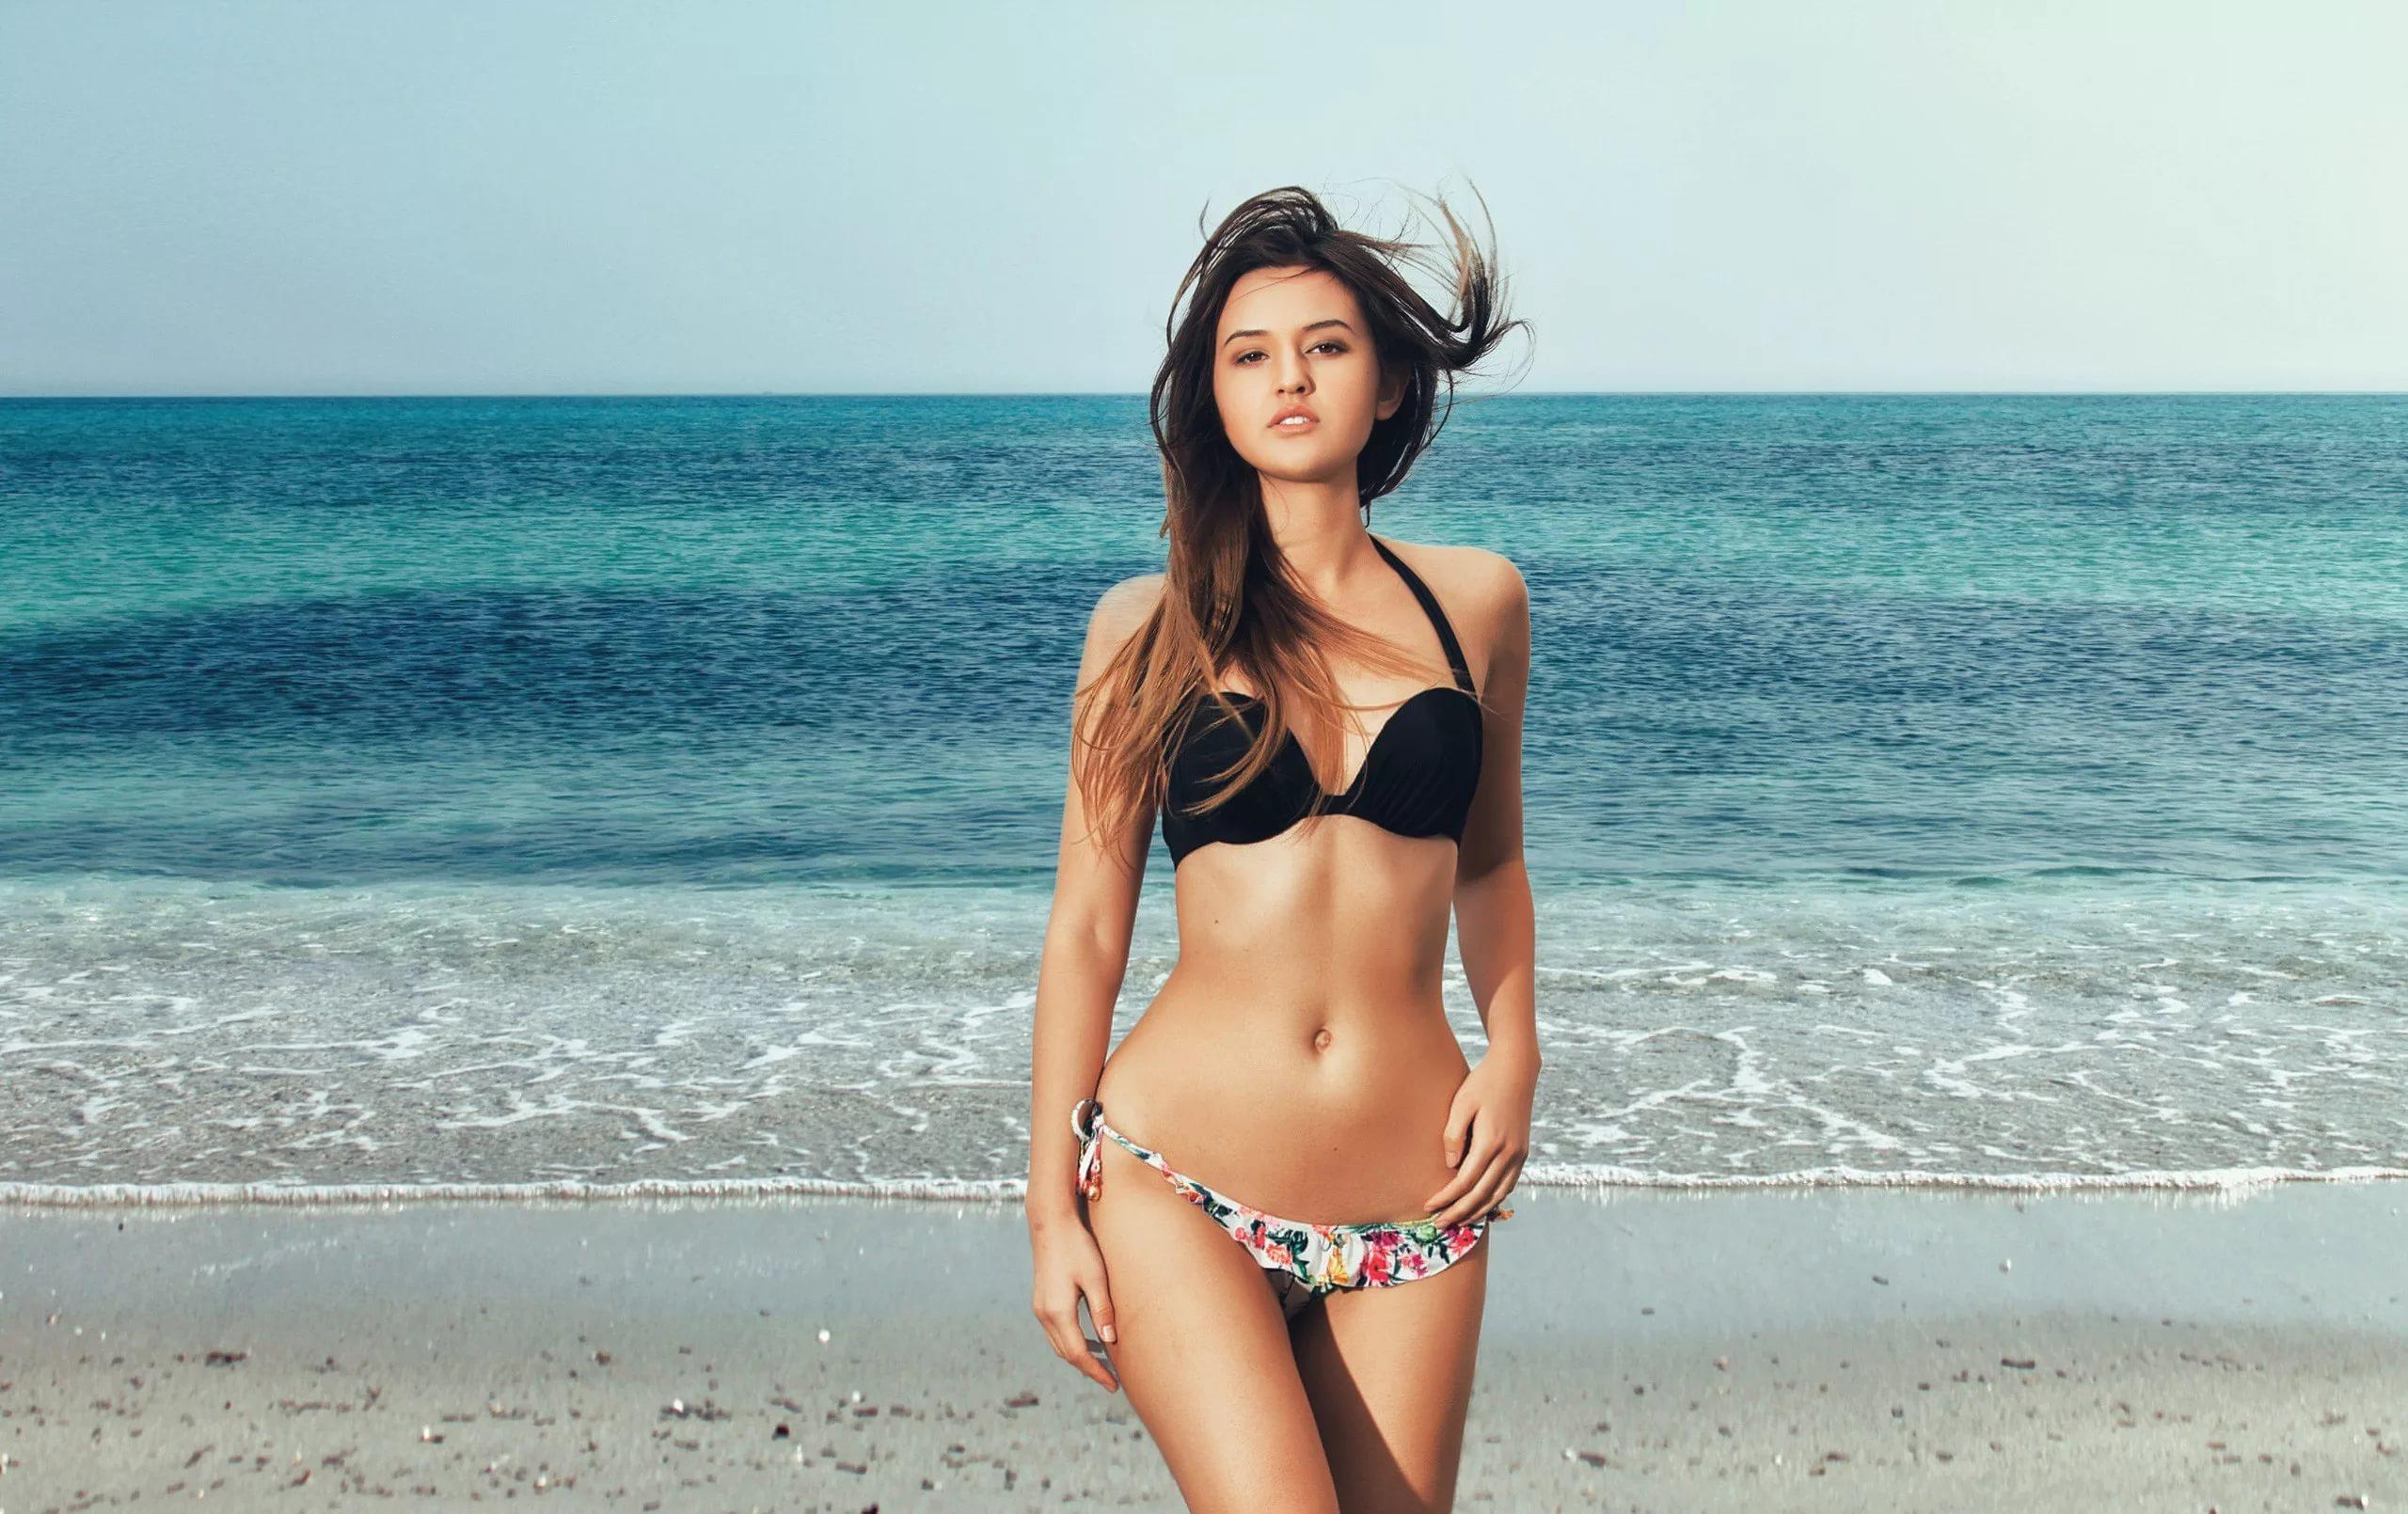 стройная и подтянутая фигура на пляже